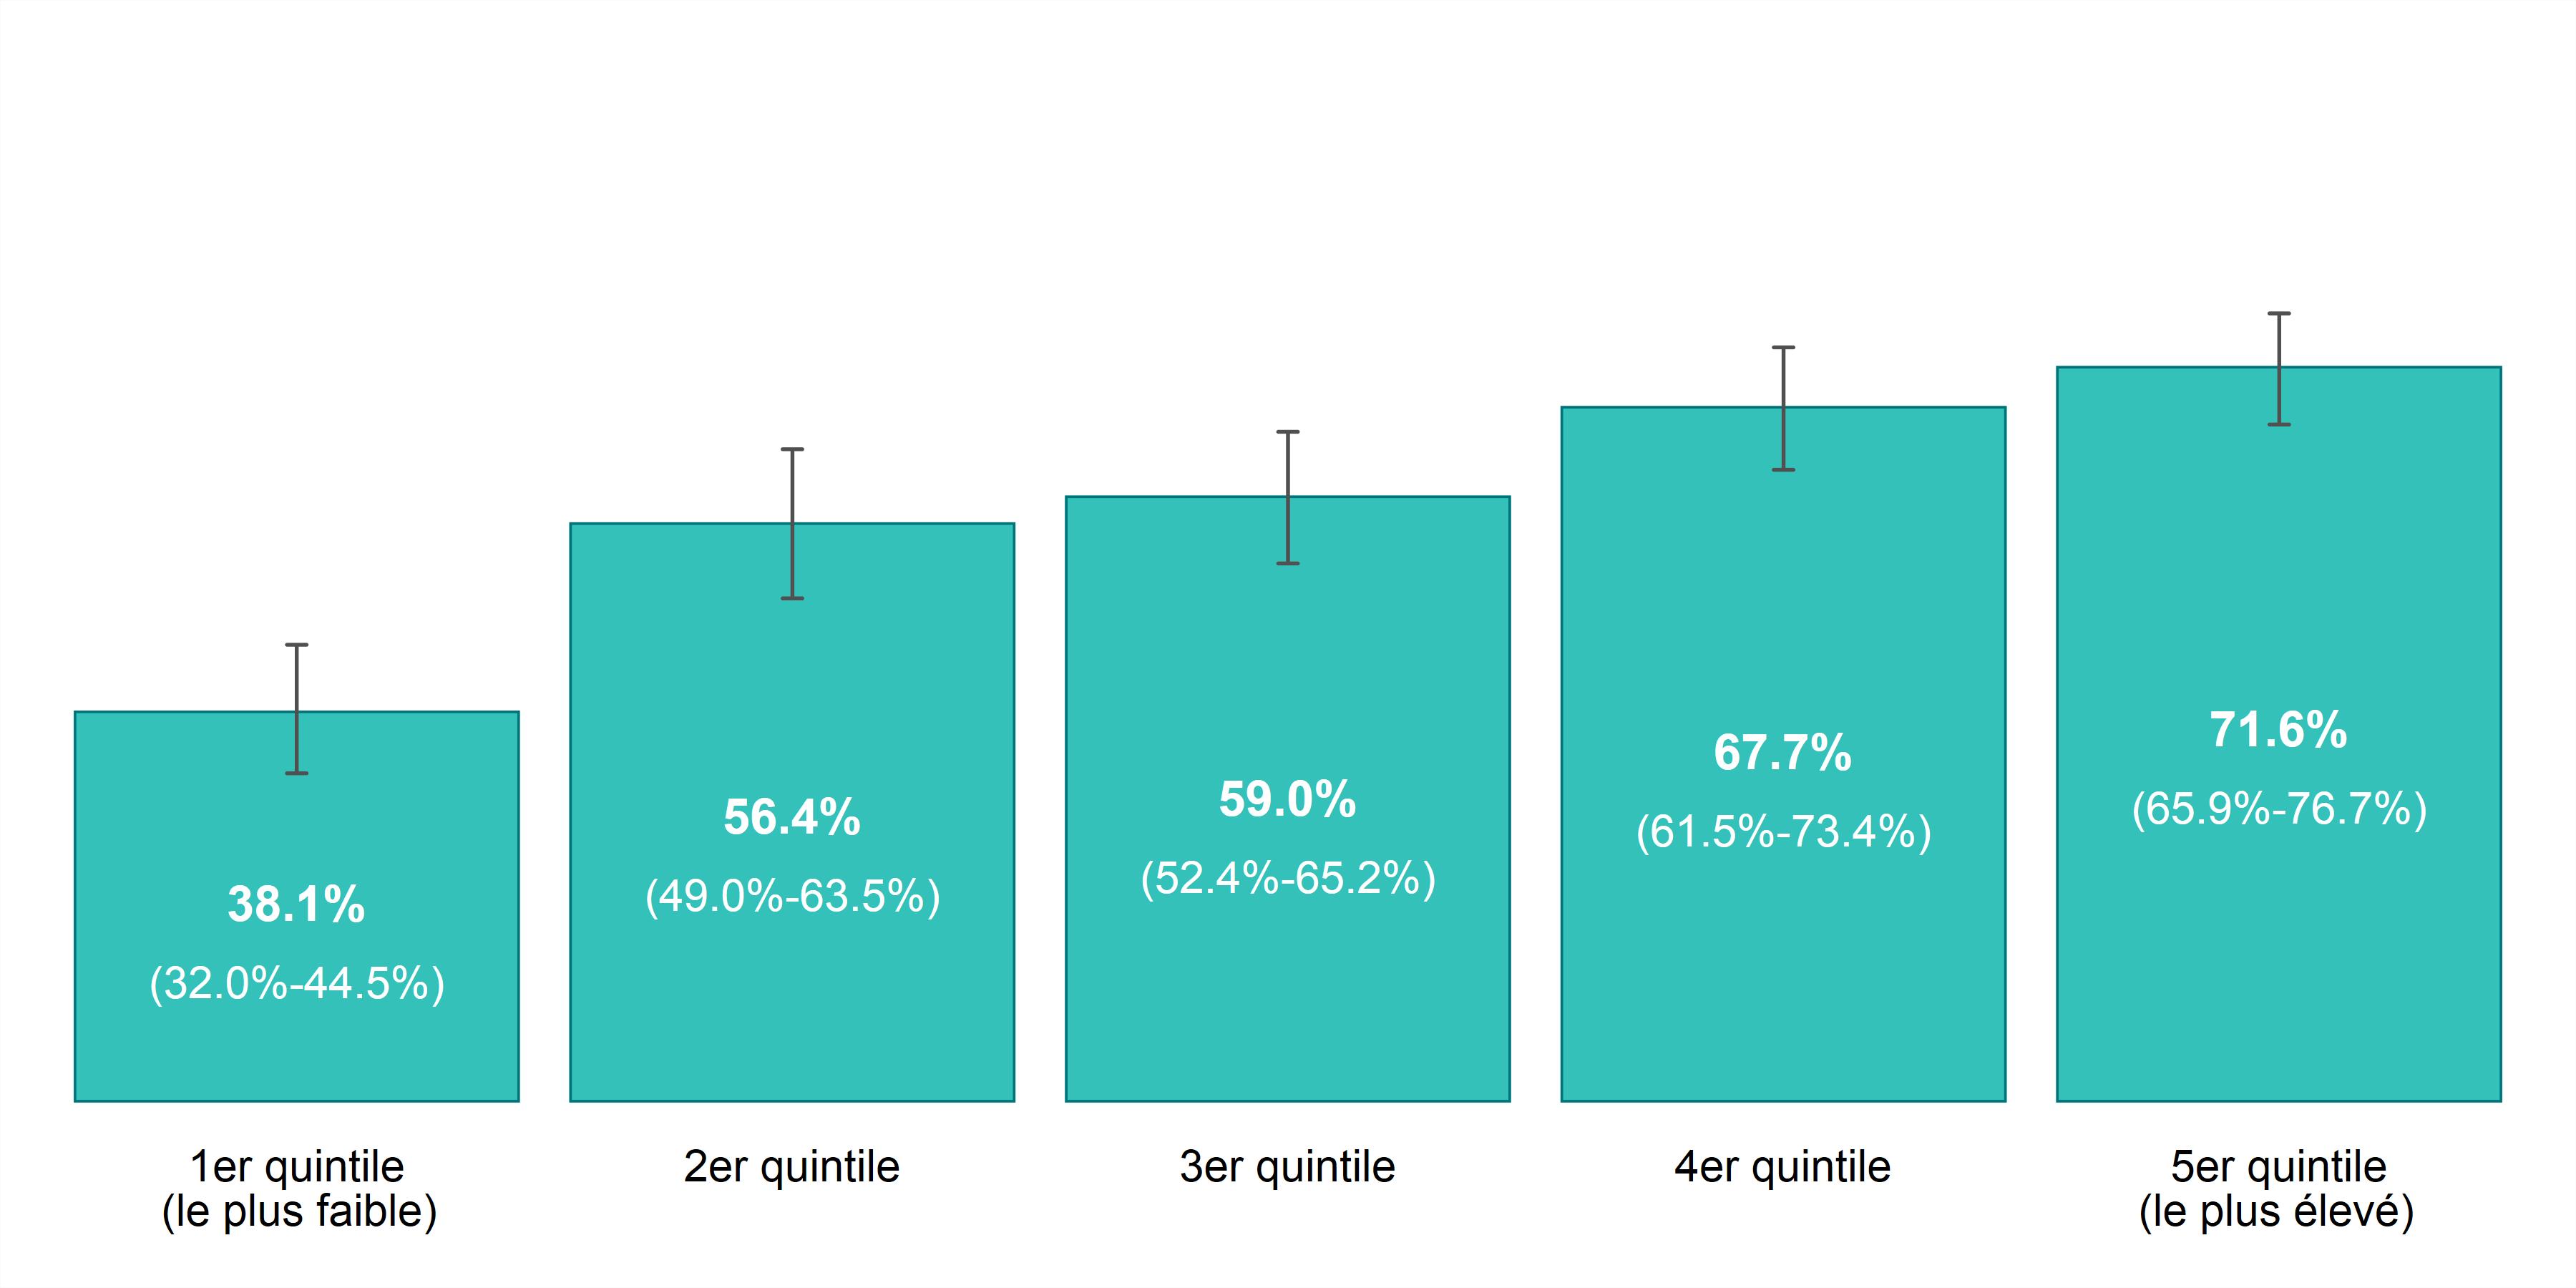 Ce graphique à barres illustre le taux de prévalence pour la santé autoévaluée (excellente ou très bonne), selon l'année et le revenu du ménage, chez les 12 ans ou plus, dans Sudbury et districts, de 2011 à 2014. Les données pour ce graphique se trouvent dans le tableau ci-dessous.